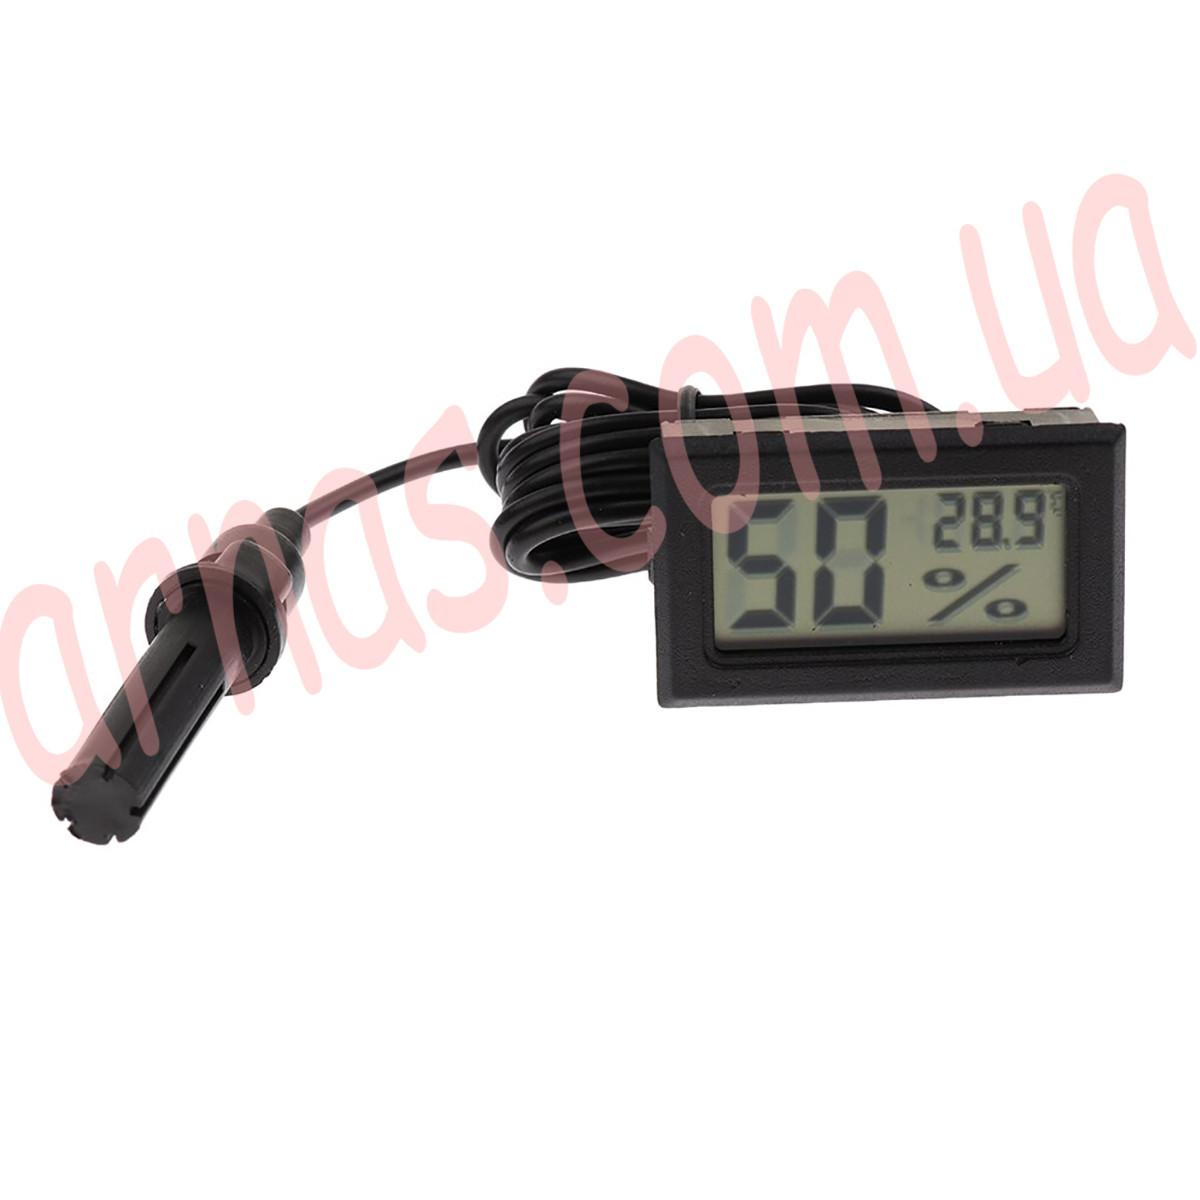 Термометр-влагомер с выносным датчиком (FY-12)